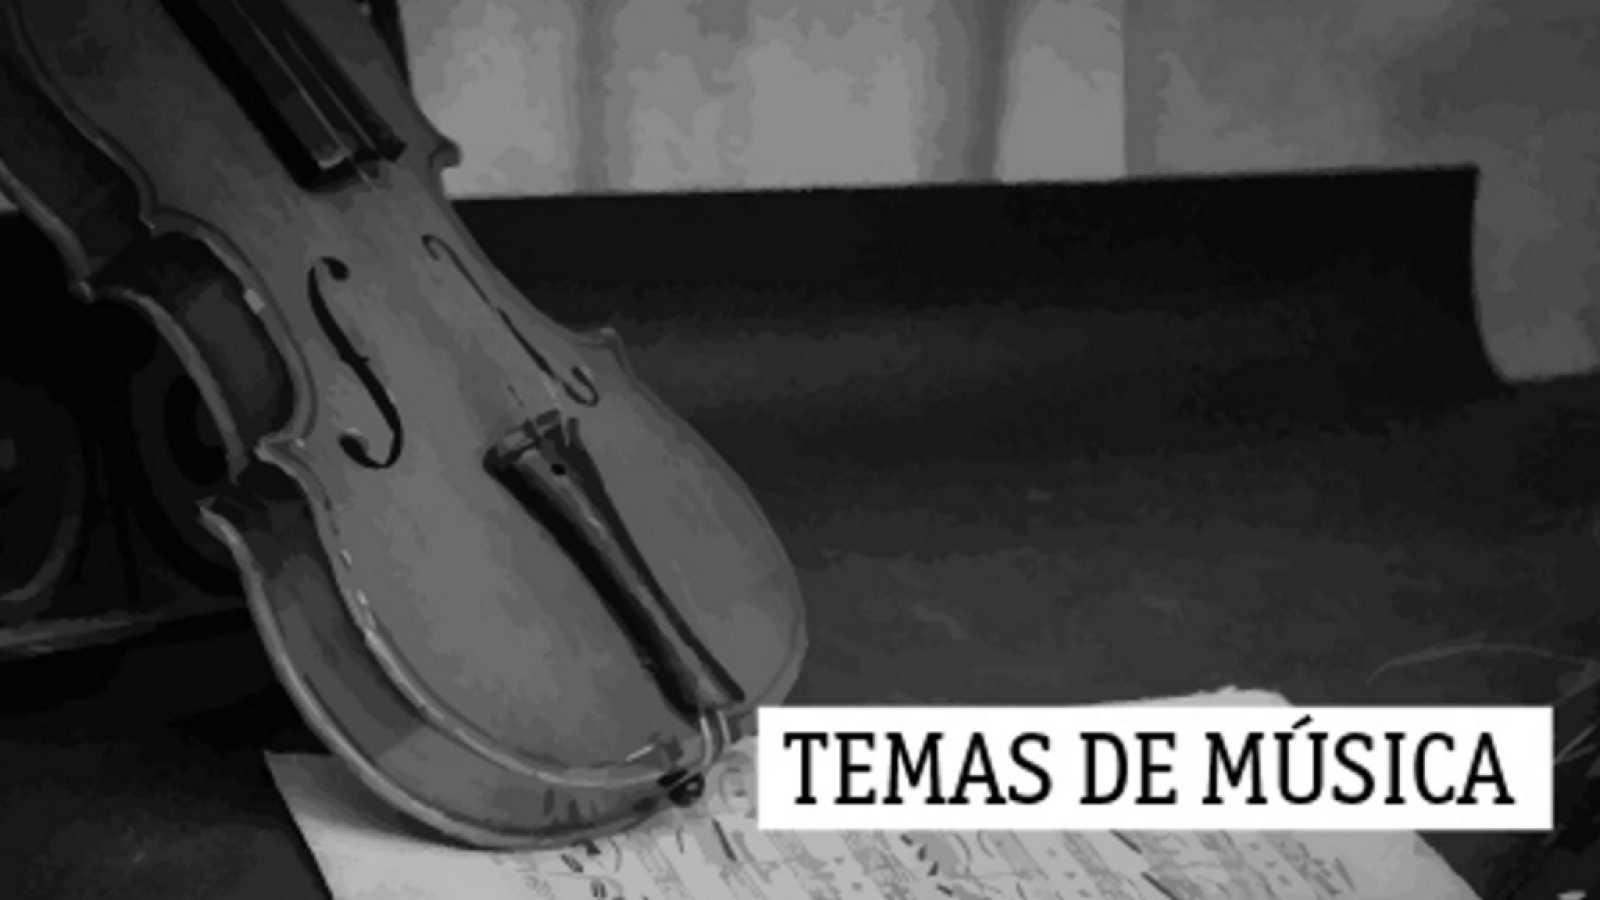 Temas de música - Farinelli en España. La leyenda del artista - 02/05/21 - escuchar ahora